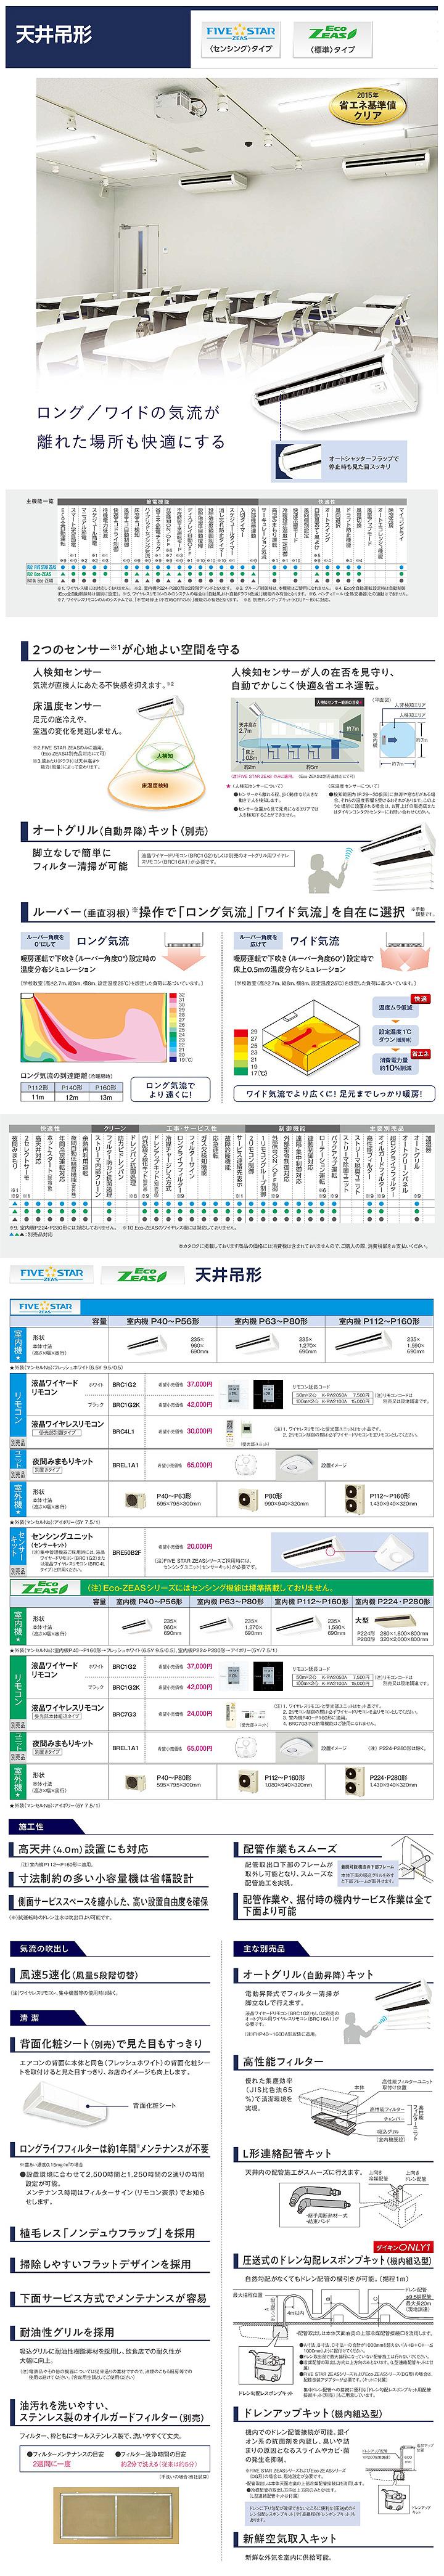 ダイキン SZZH280CJ 業務用エアコン